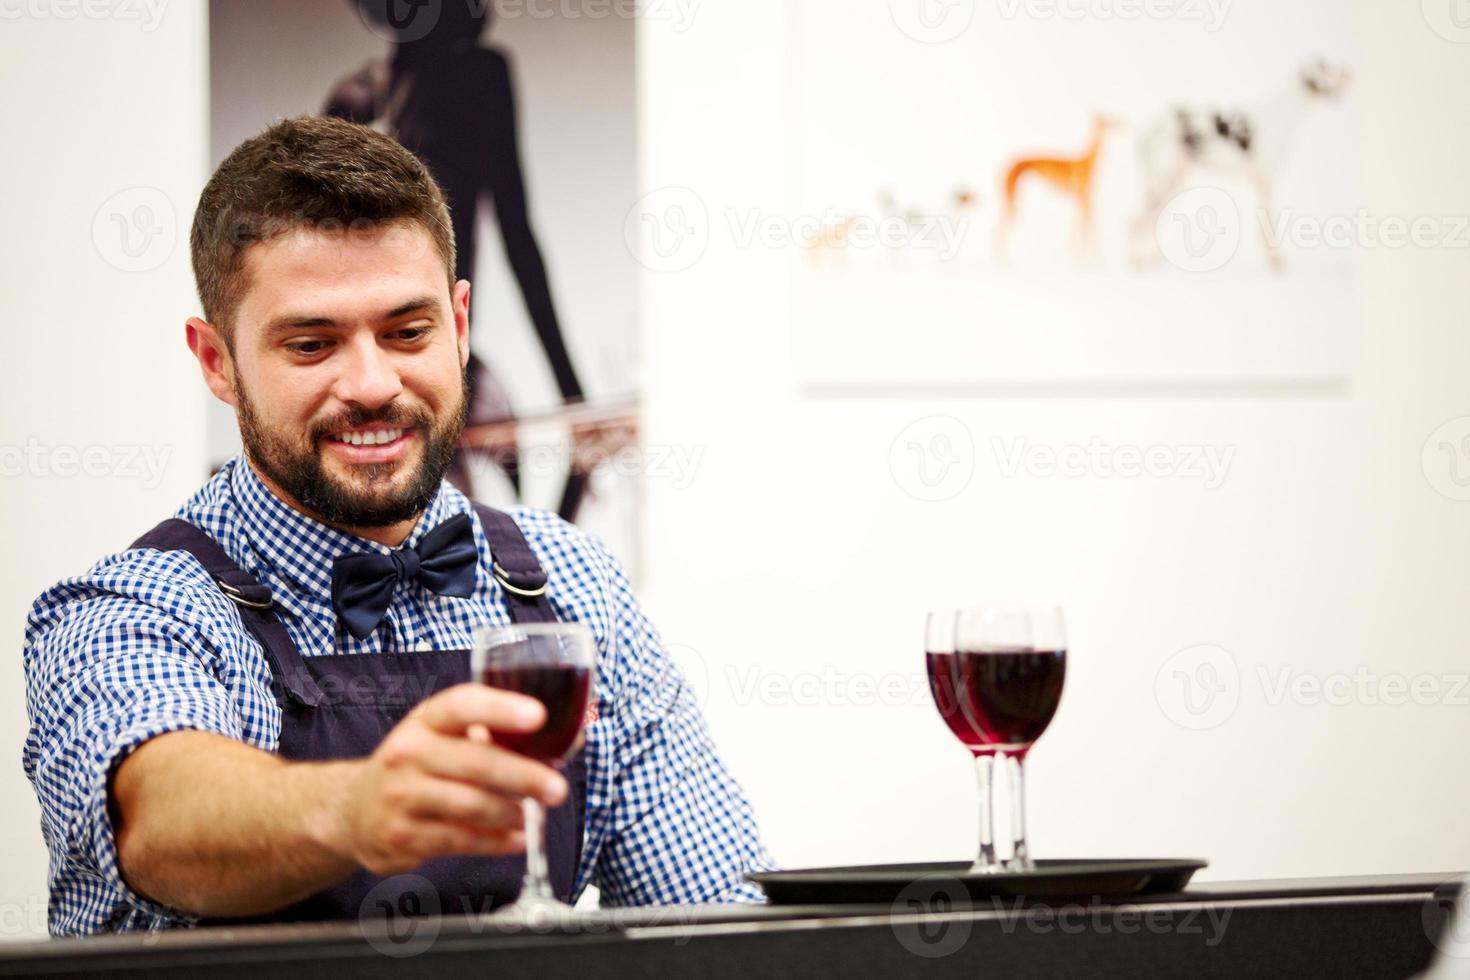 barman sirviendo vino tinto en copas en una función foto